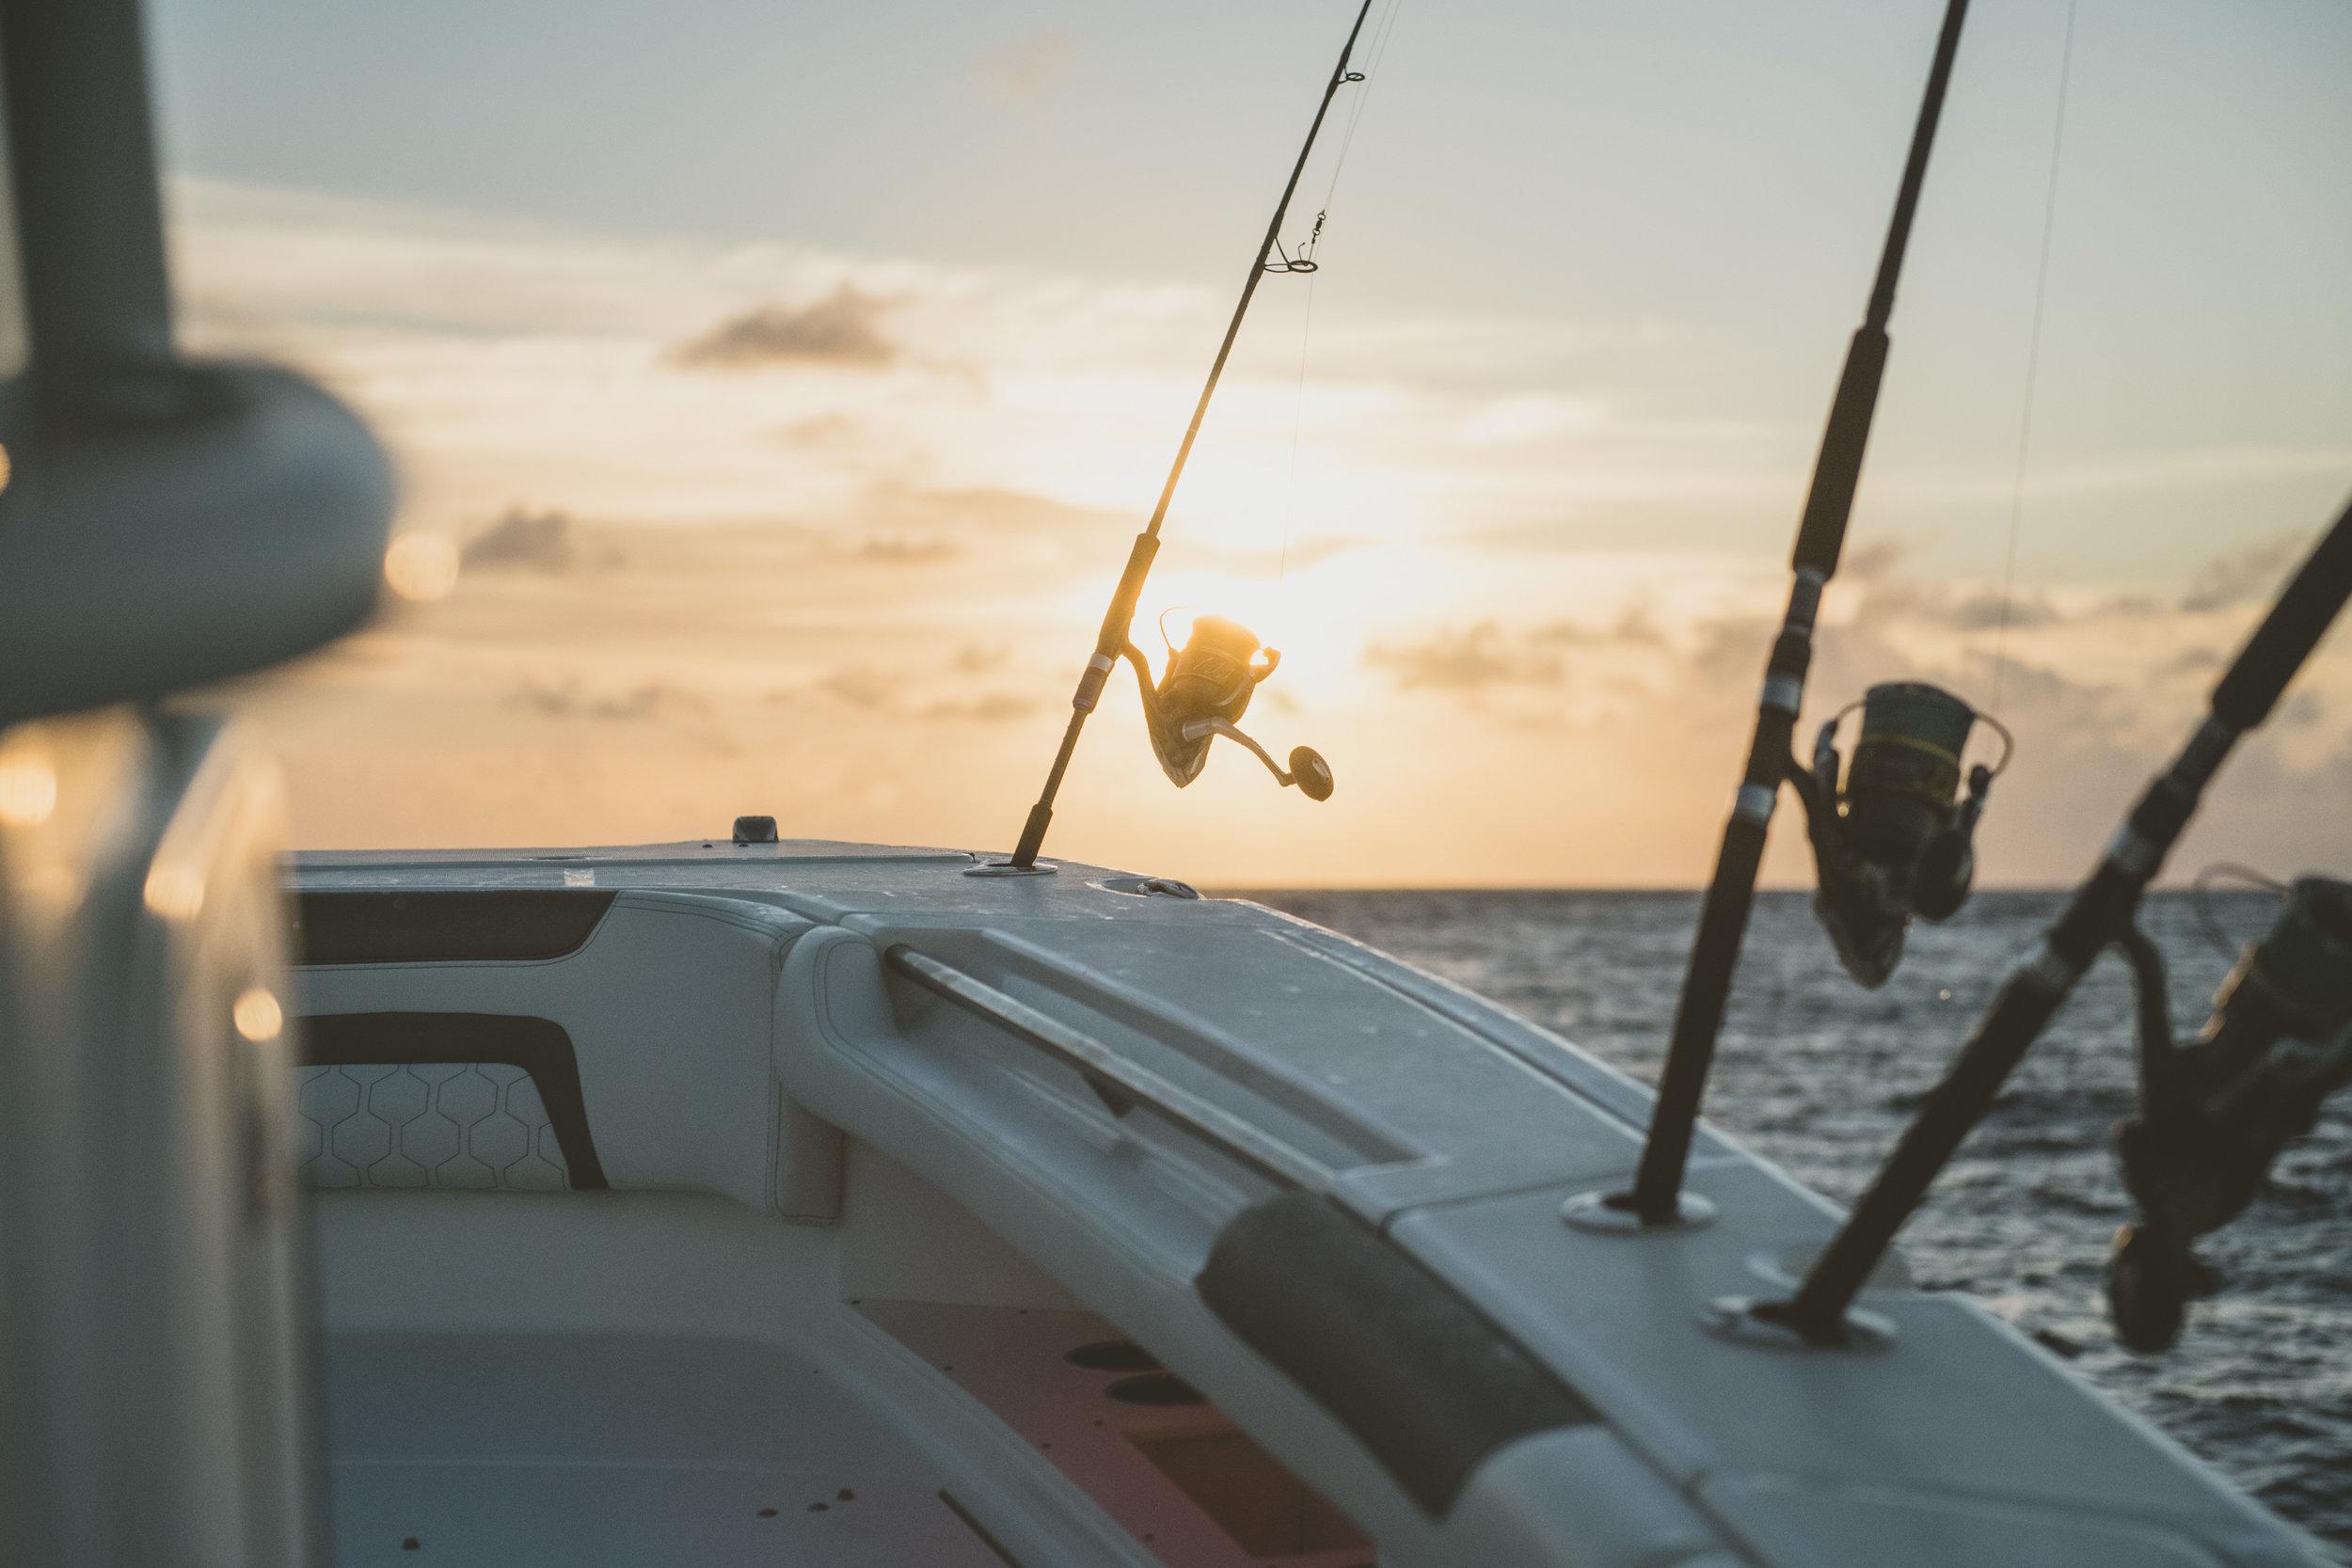 Shimano fishing gear